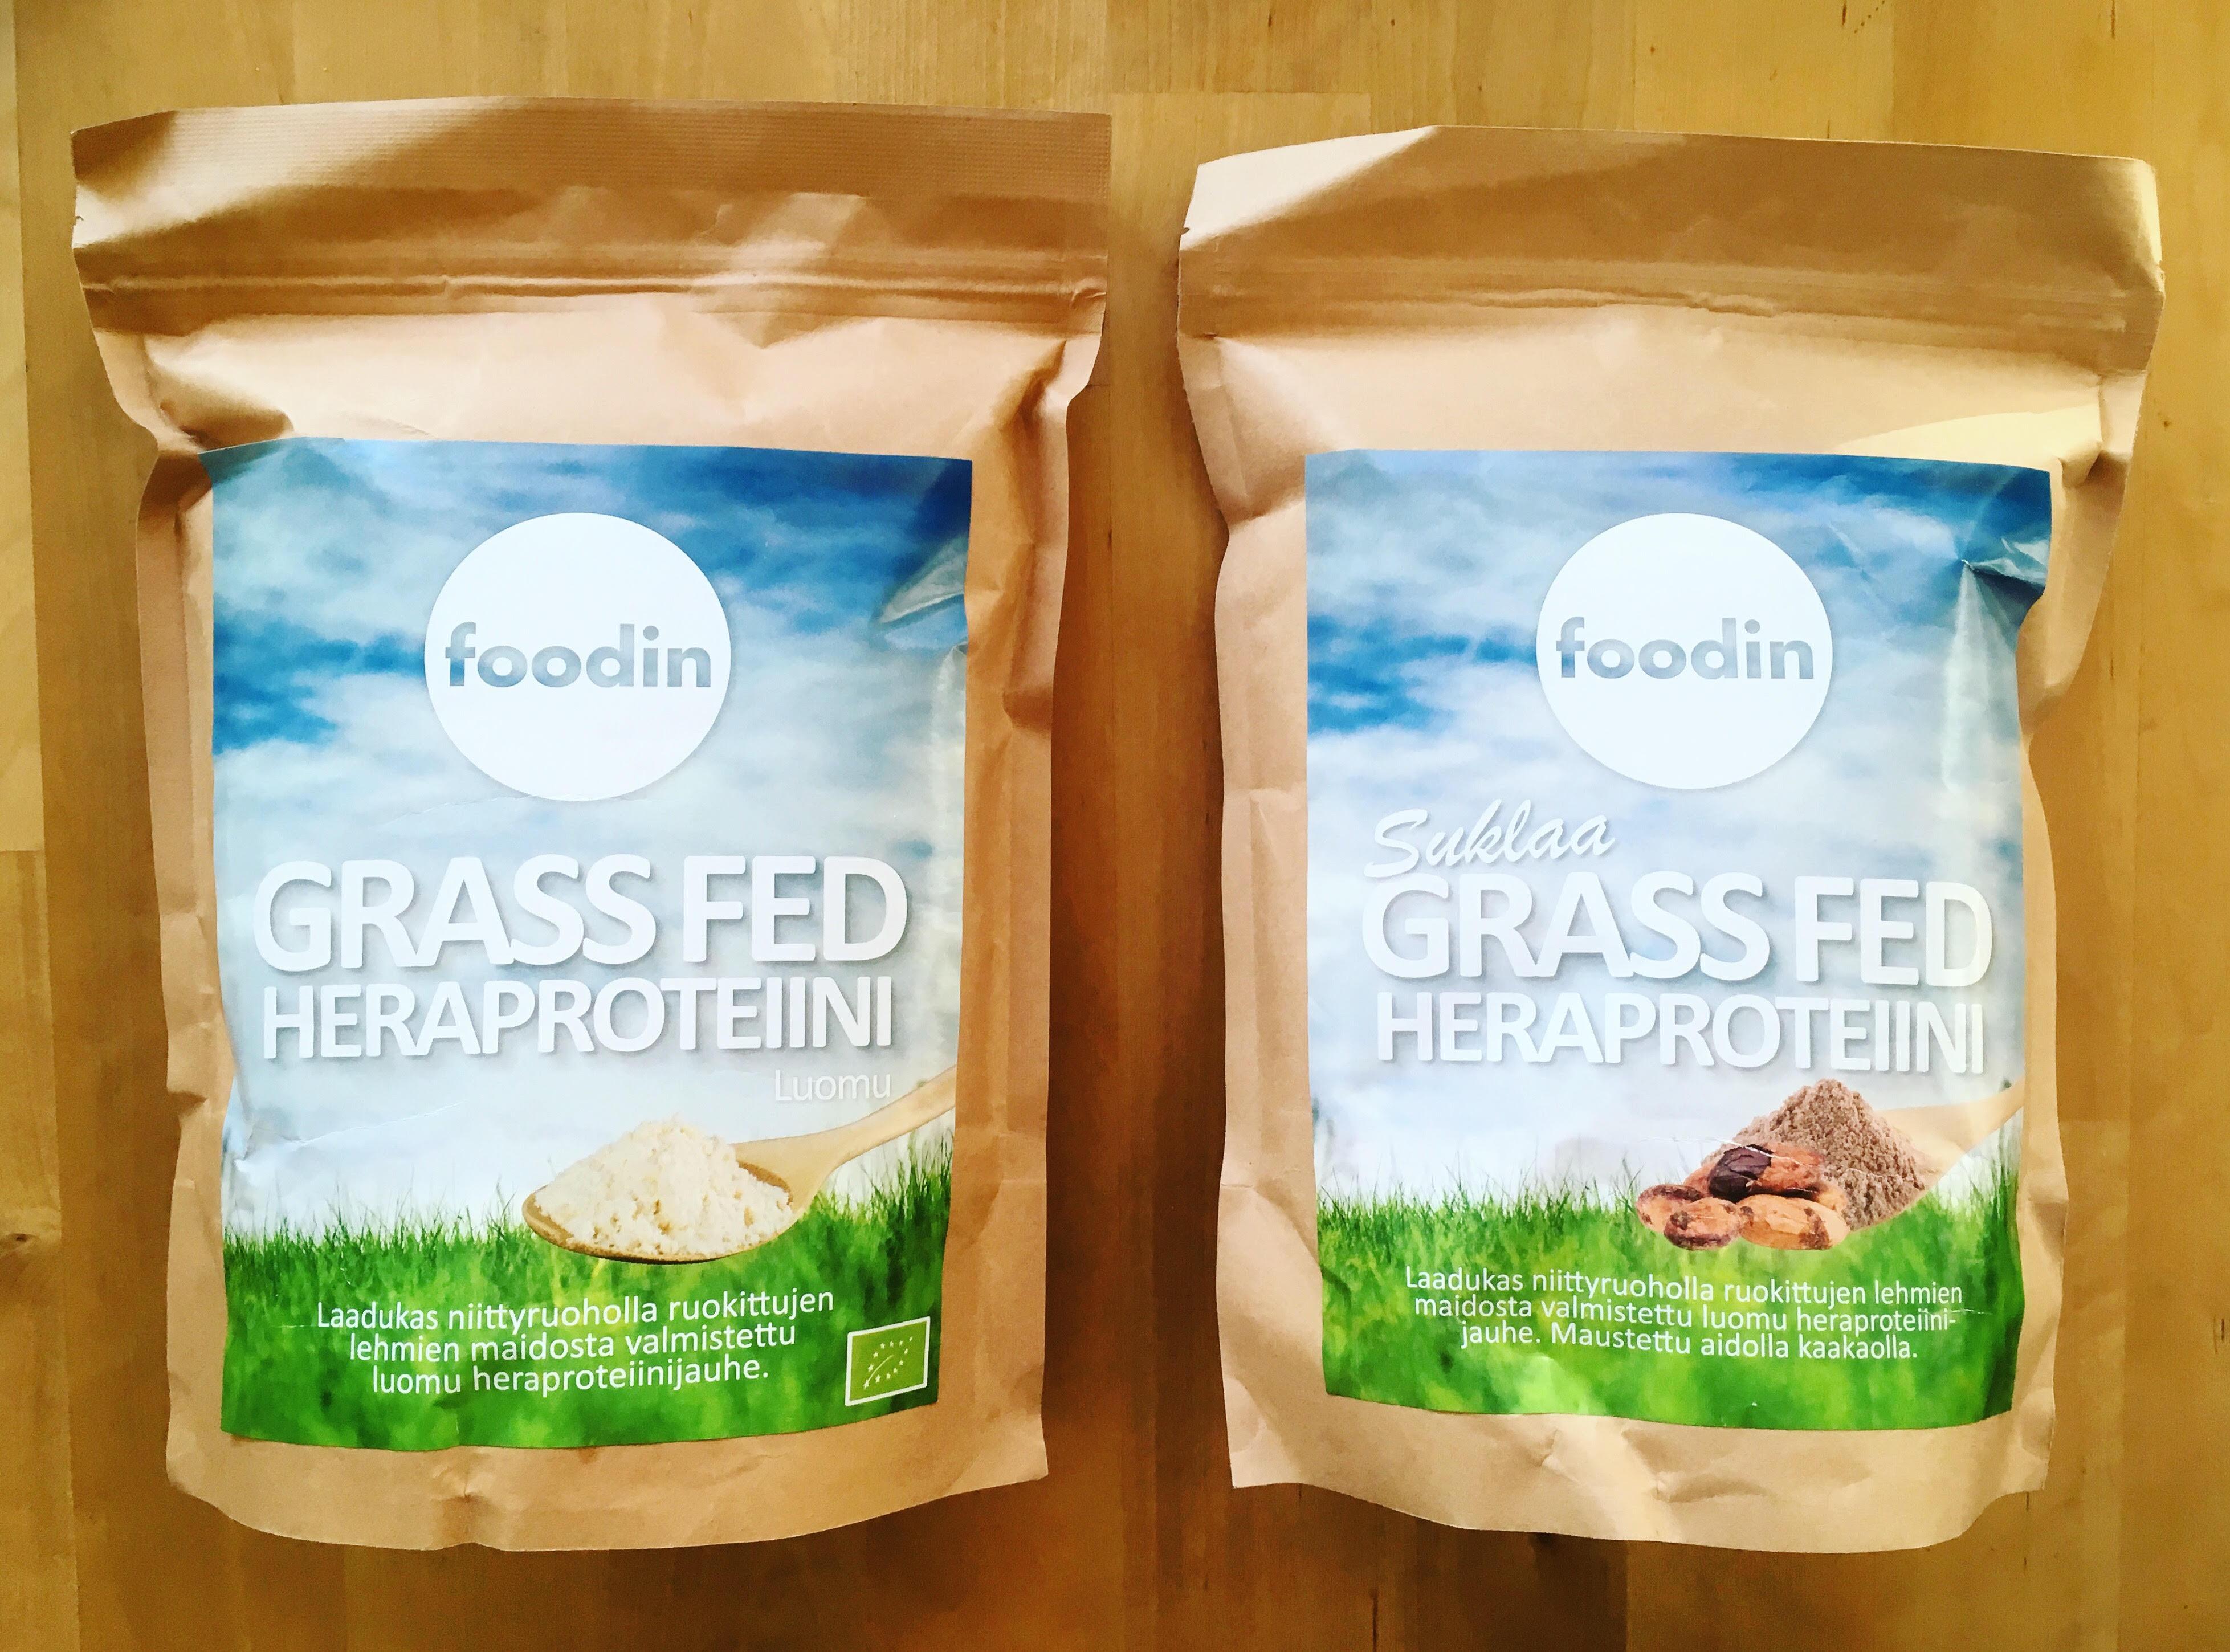 foodin-niittyhera1